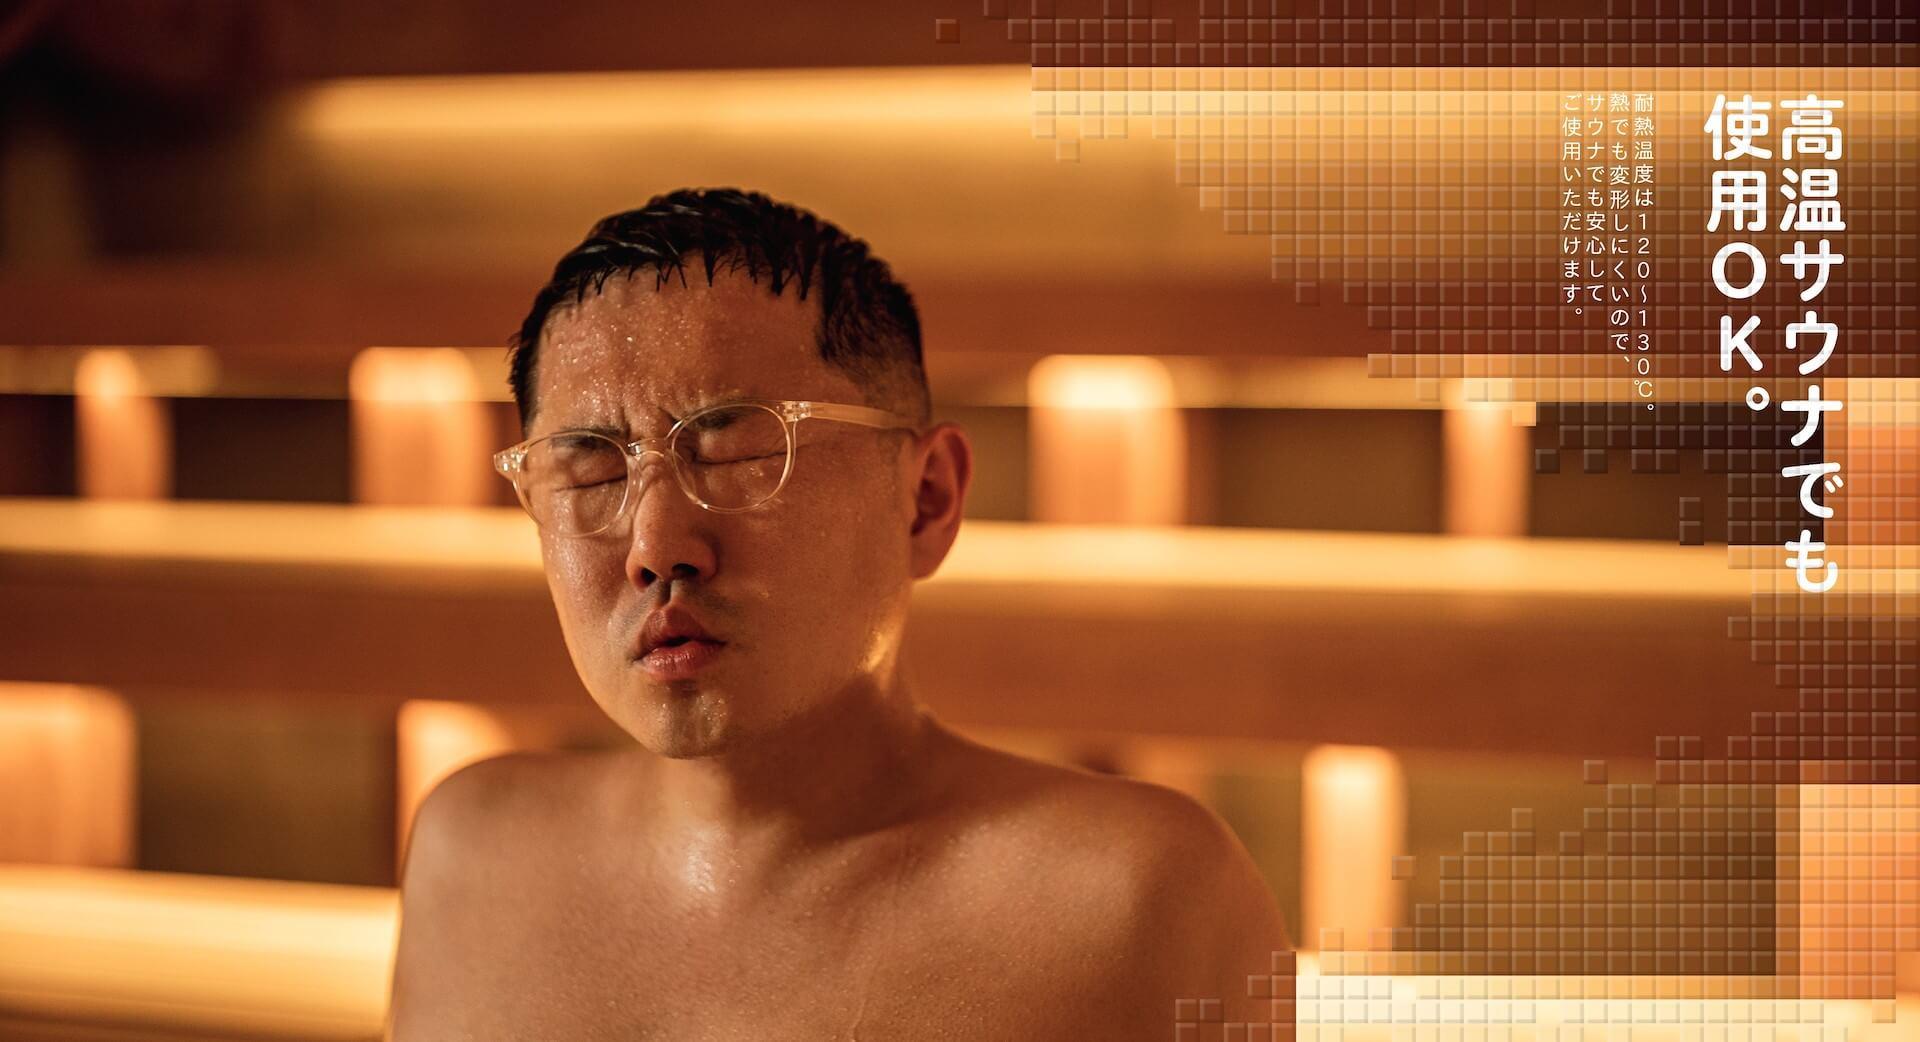 メガネの愛眼からファッショナブルなサウナ用メガネが登場!「アイガン FORゆII」が販売開始 life210610_aigan_sauna_3